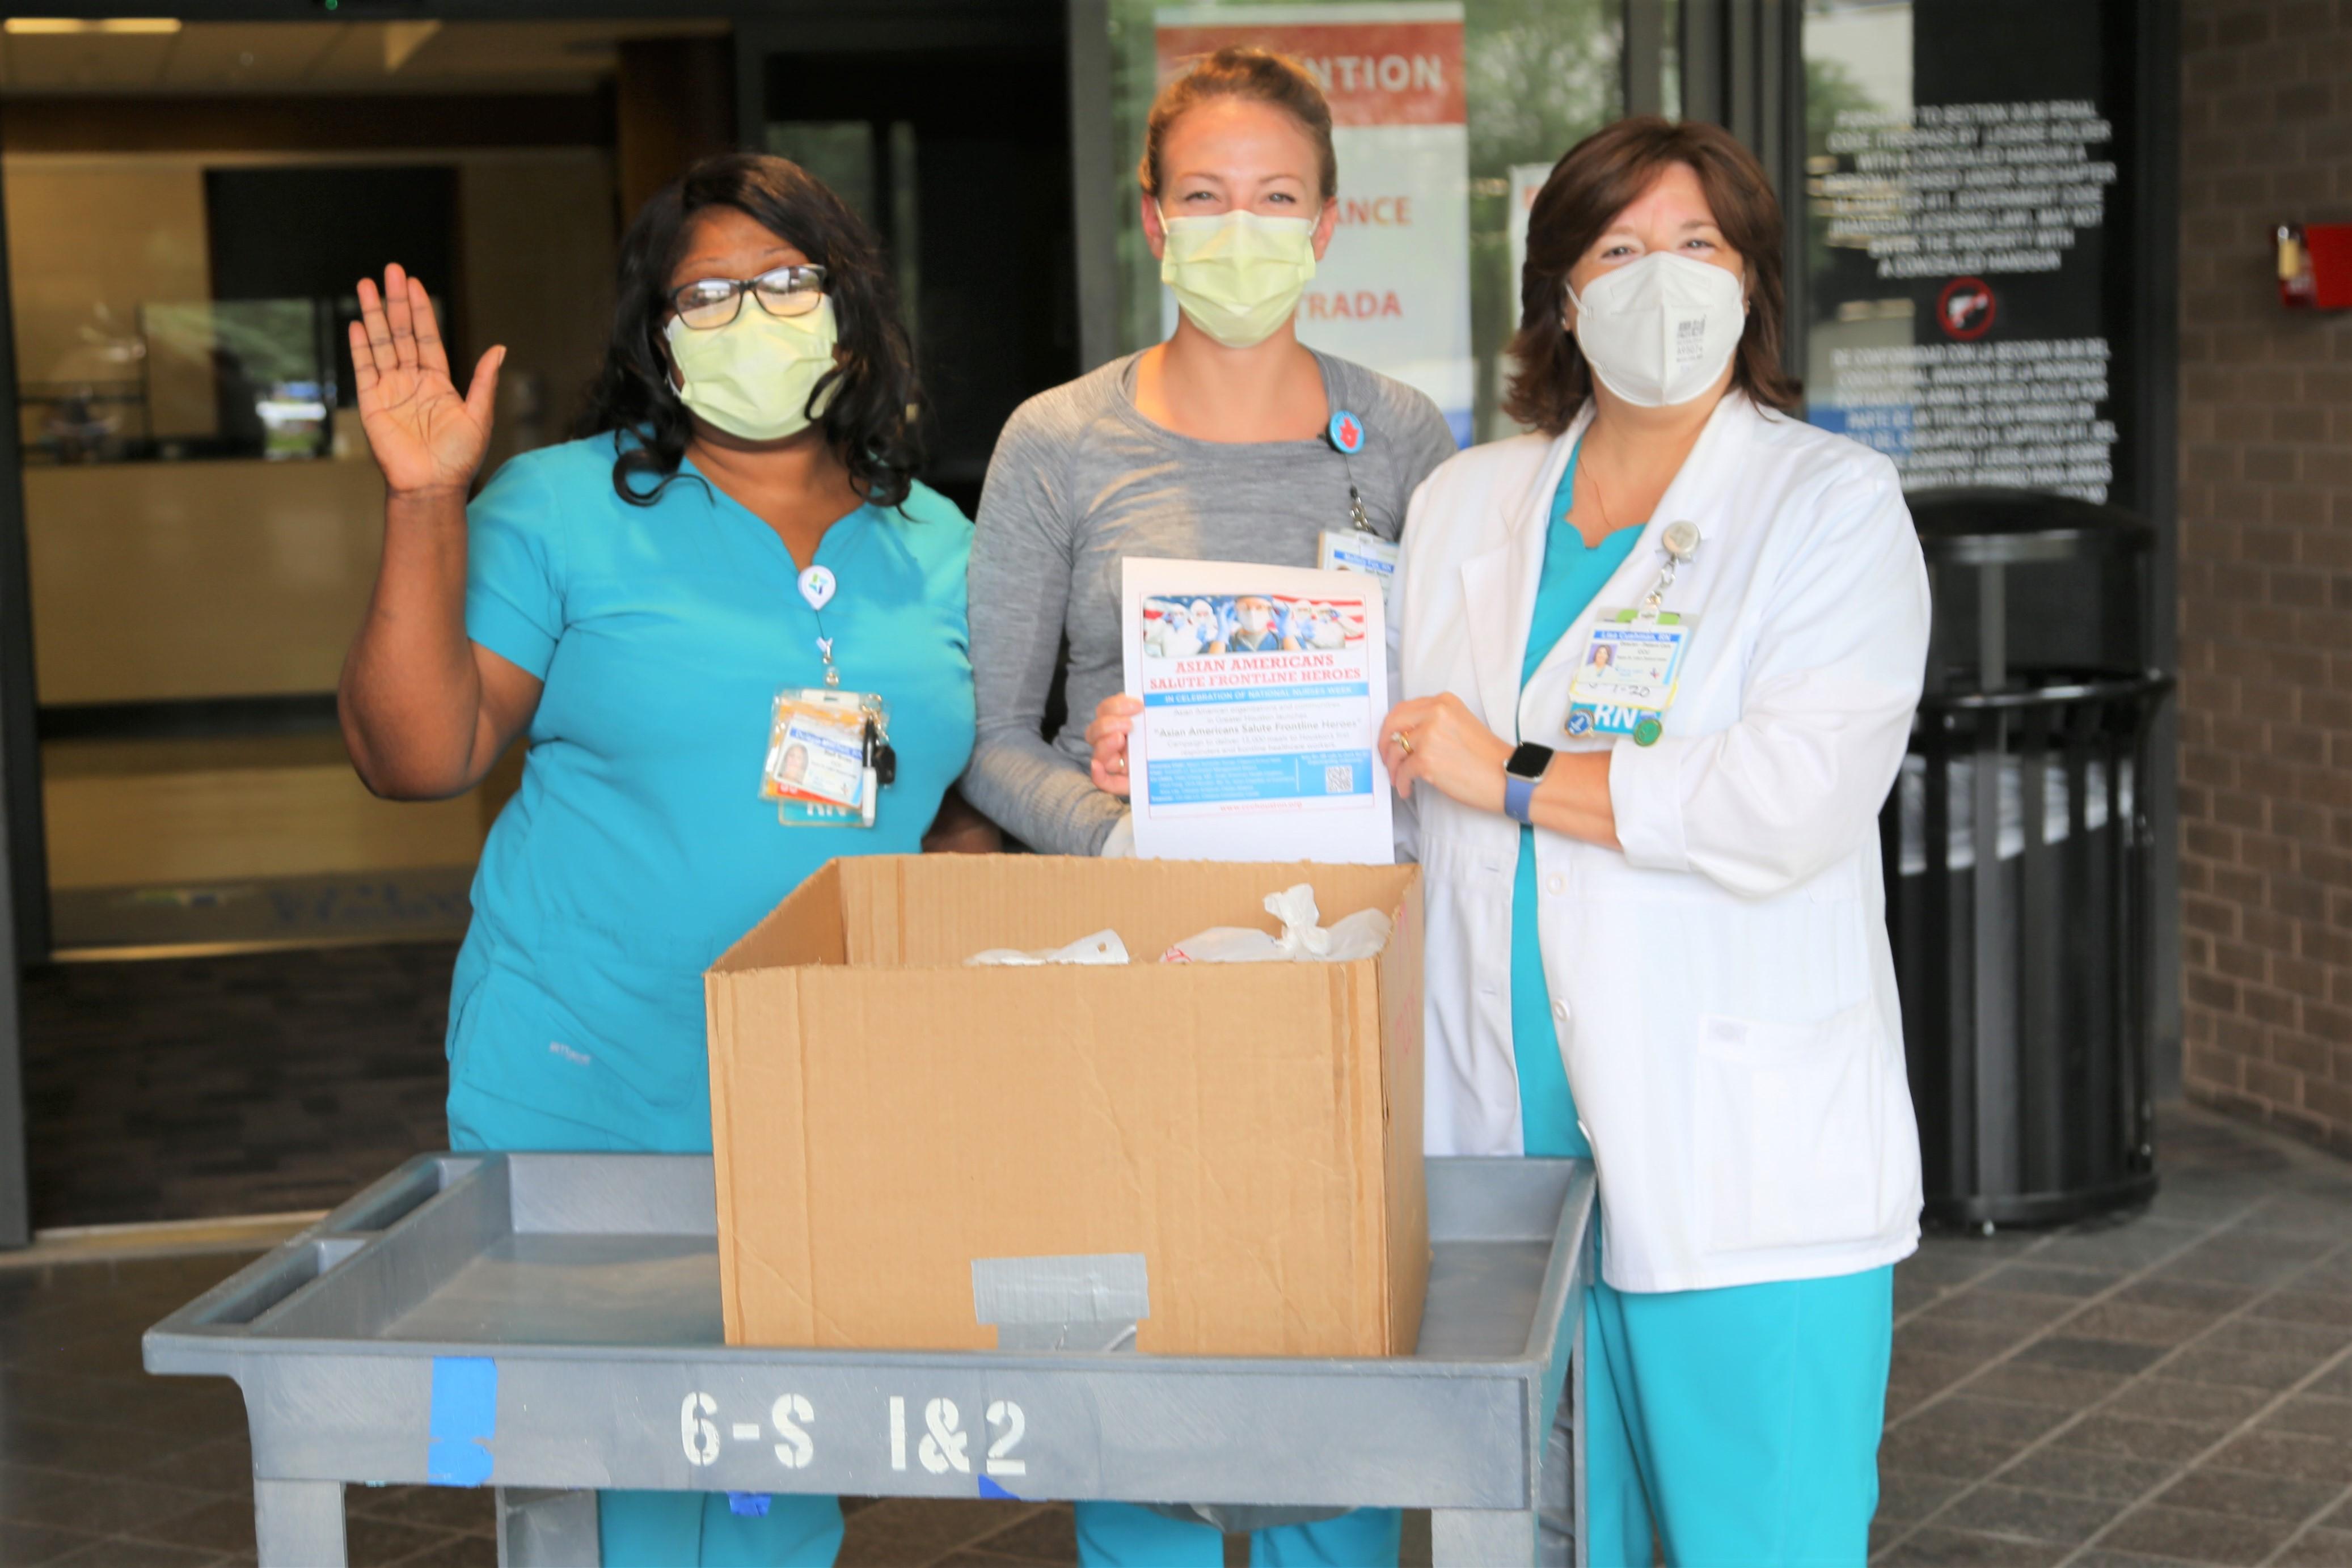 第一線的英雄護士豎起「送餐一萬份,致敬一線英雄」,感謝主辦單位的熱情。